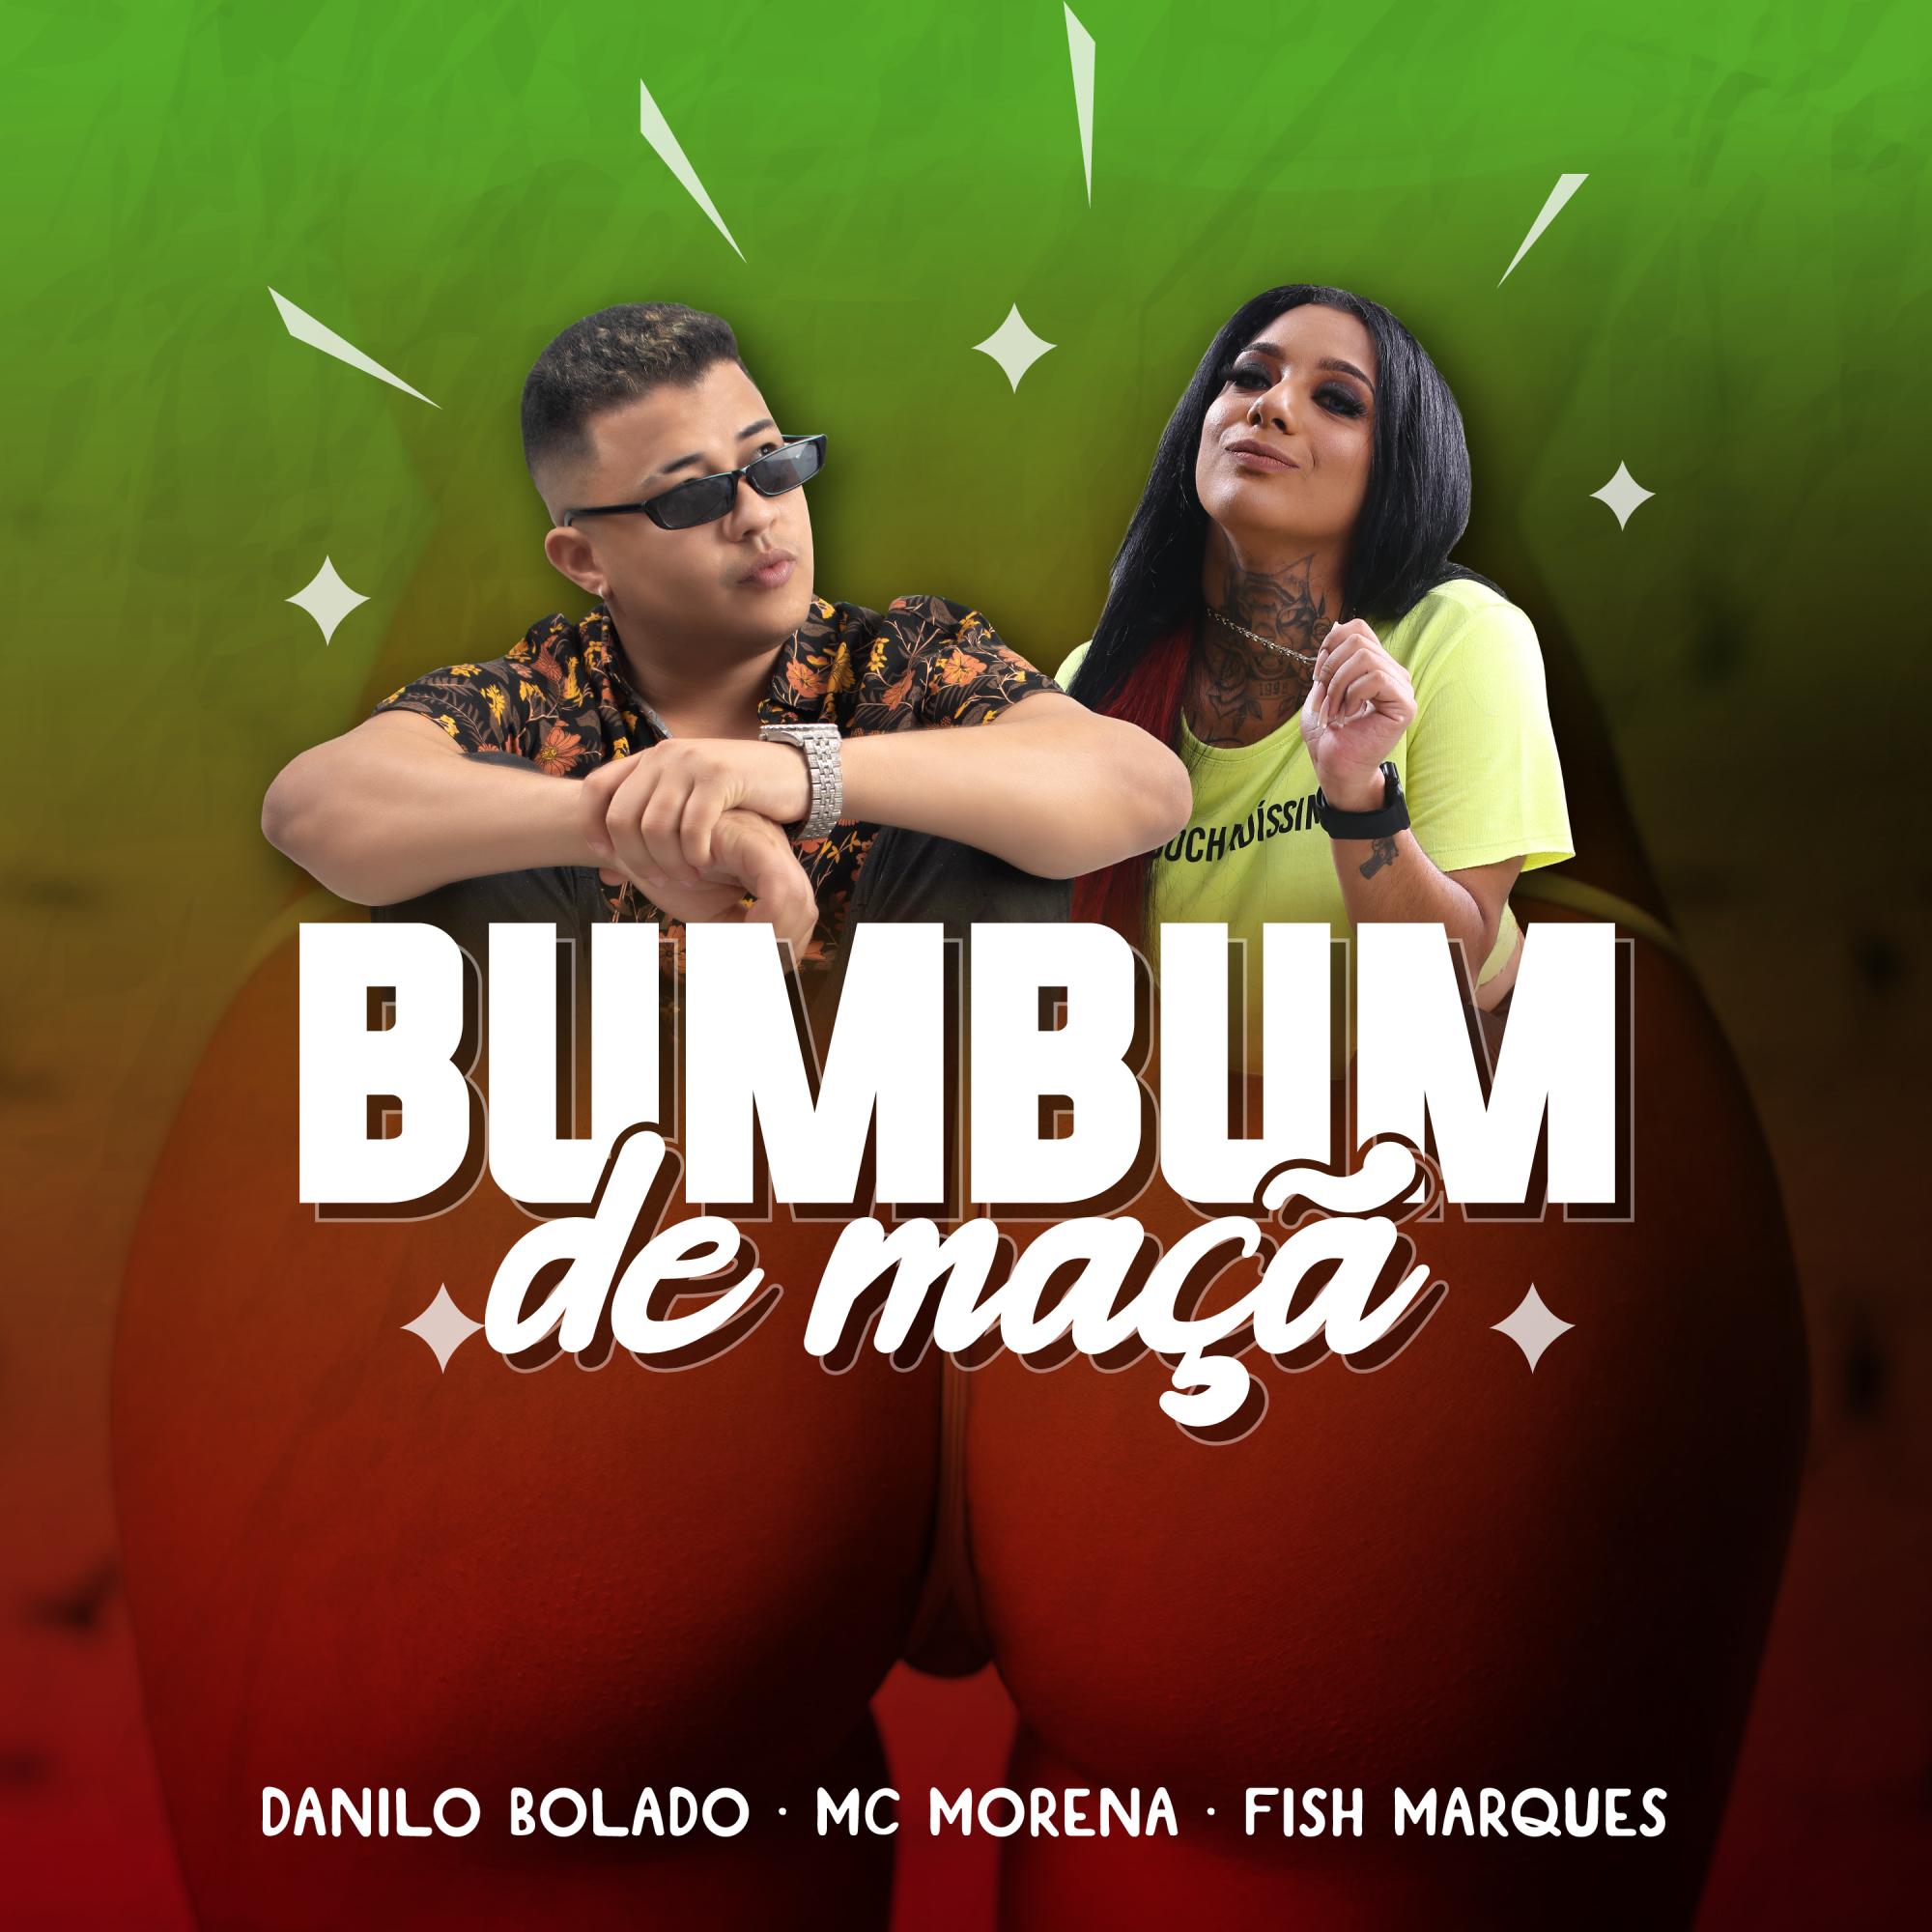 Danilo Bolado lança single Bumbum de Maçã em parceria com MC Morena